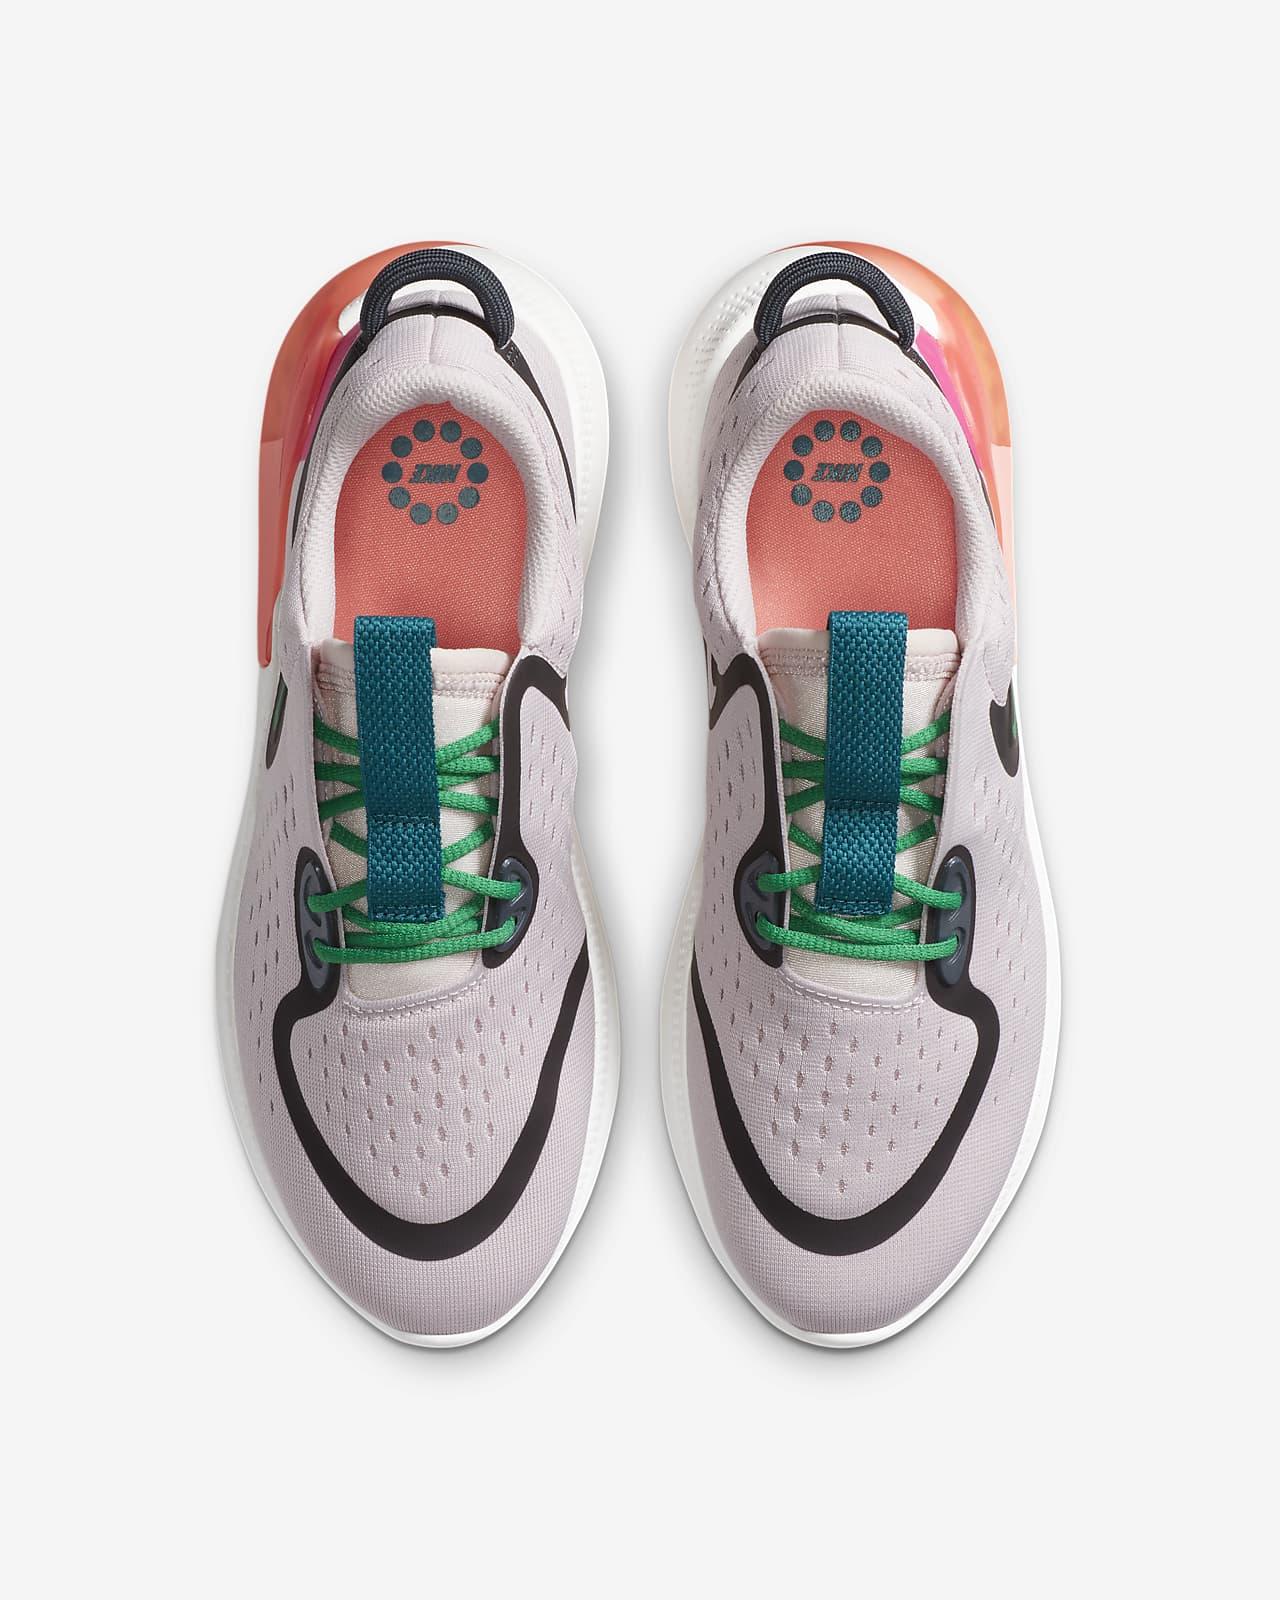 nike joyride dual run premium women s running shoe nike com nike joyride dual run premium women s running shoe